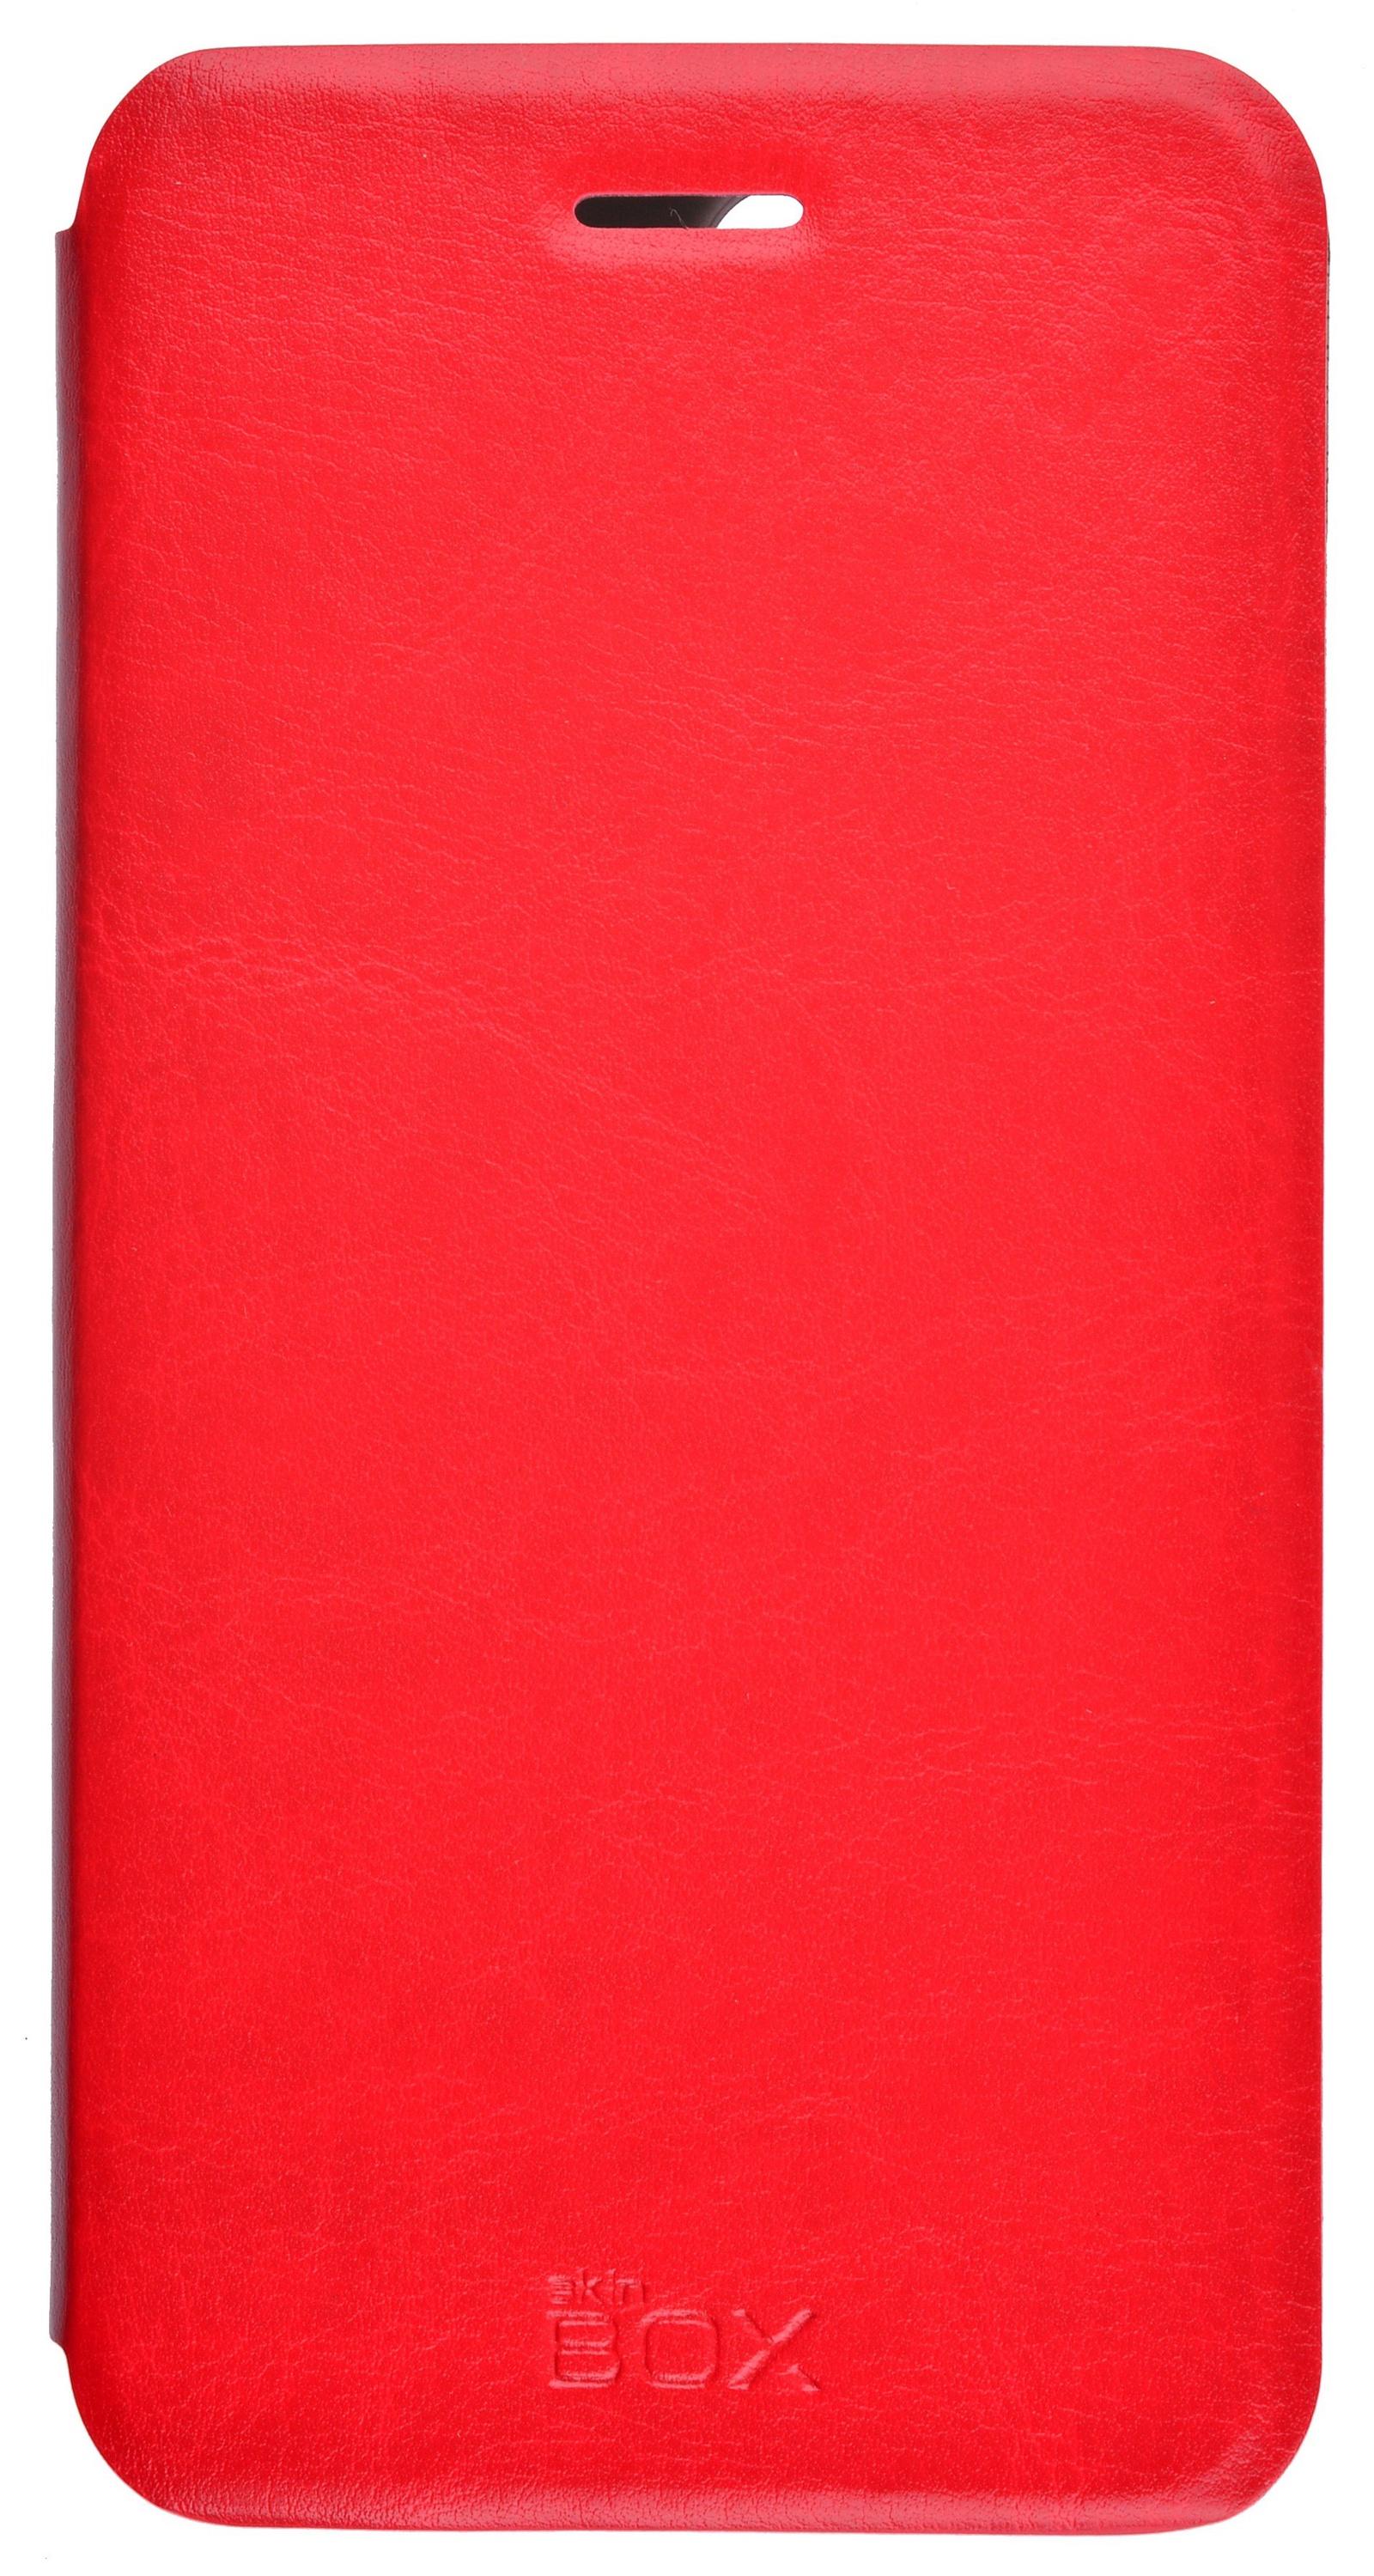 Чехол для сотового телефона skinBOX Lux, 4630042528802, красный